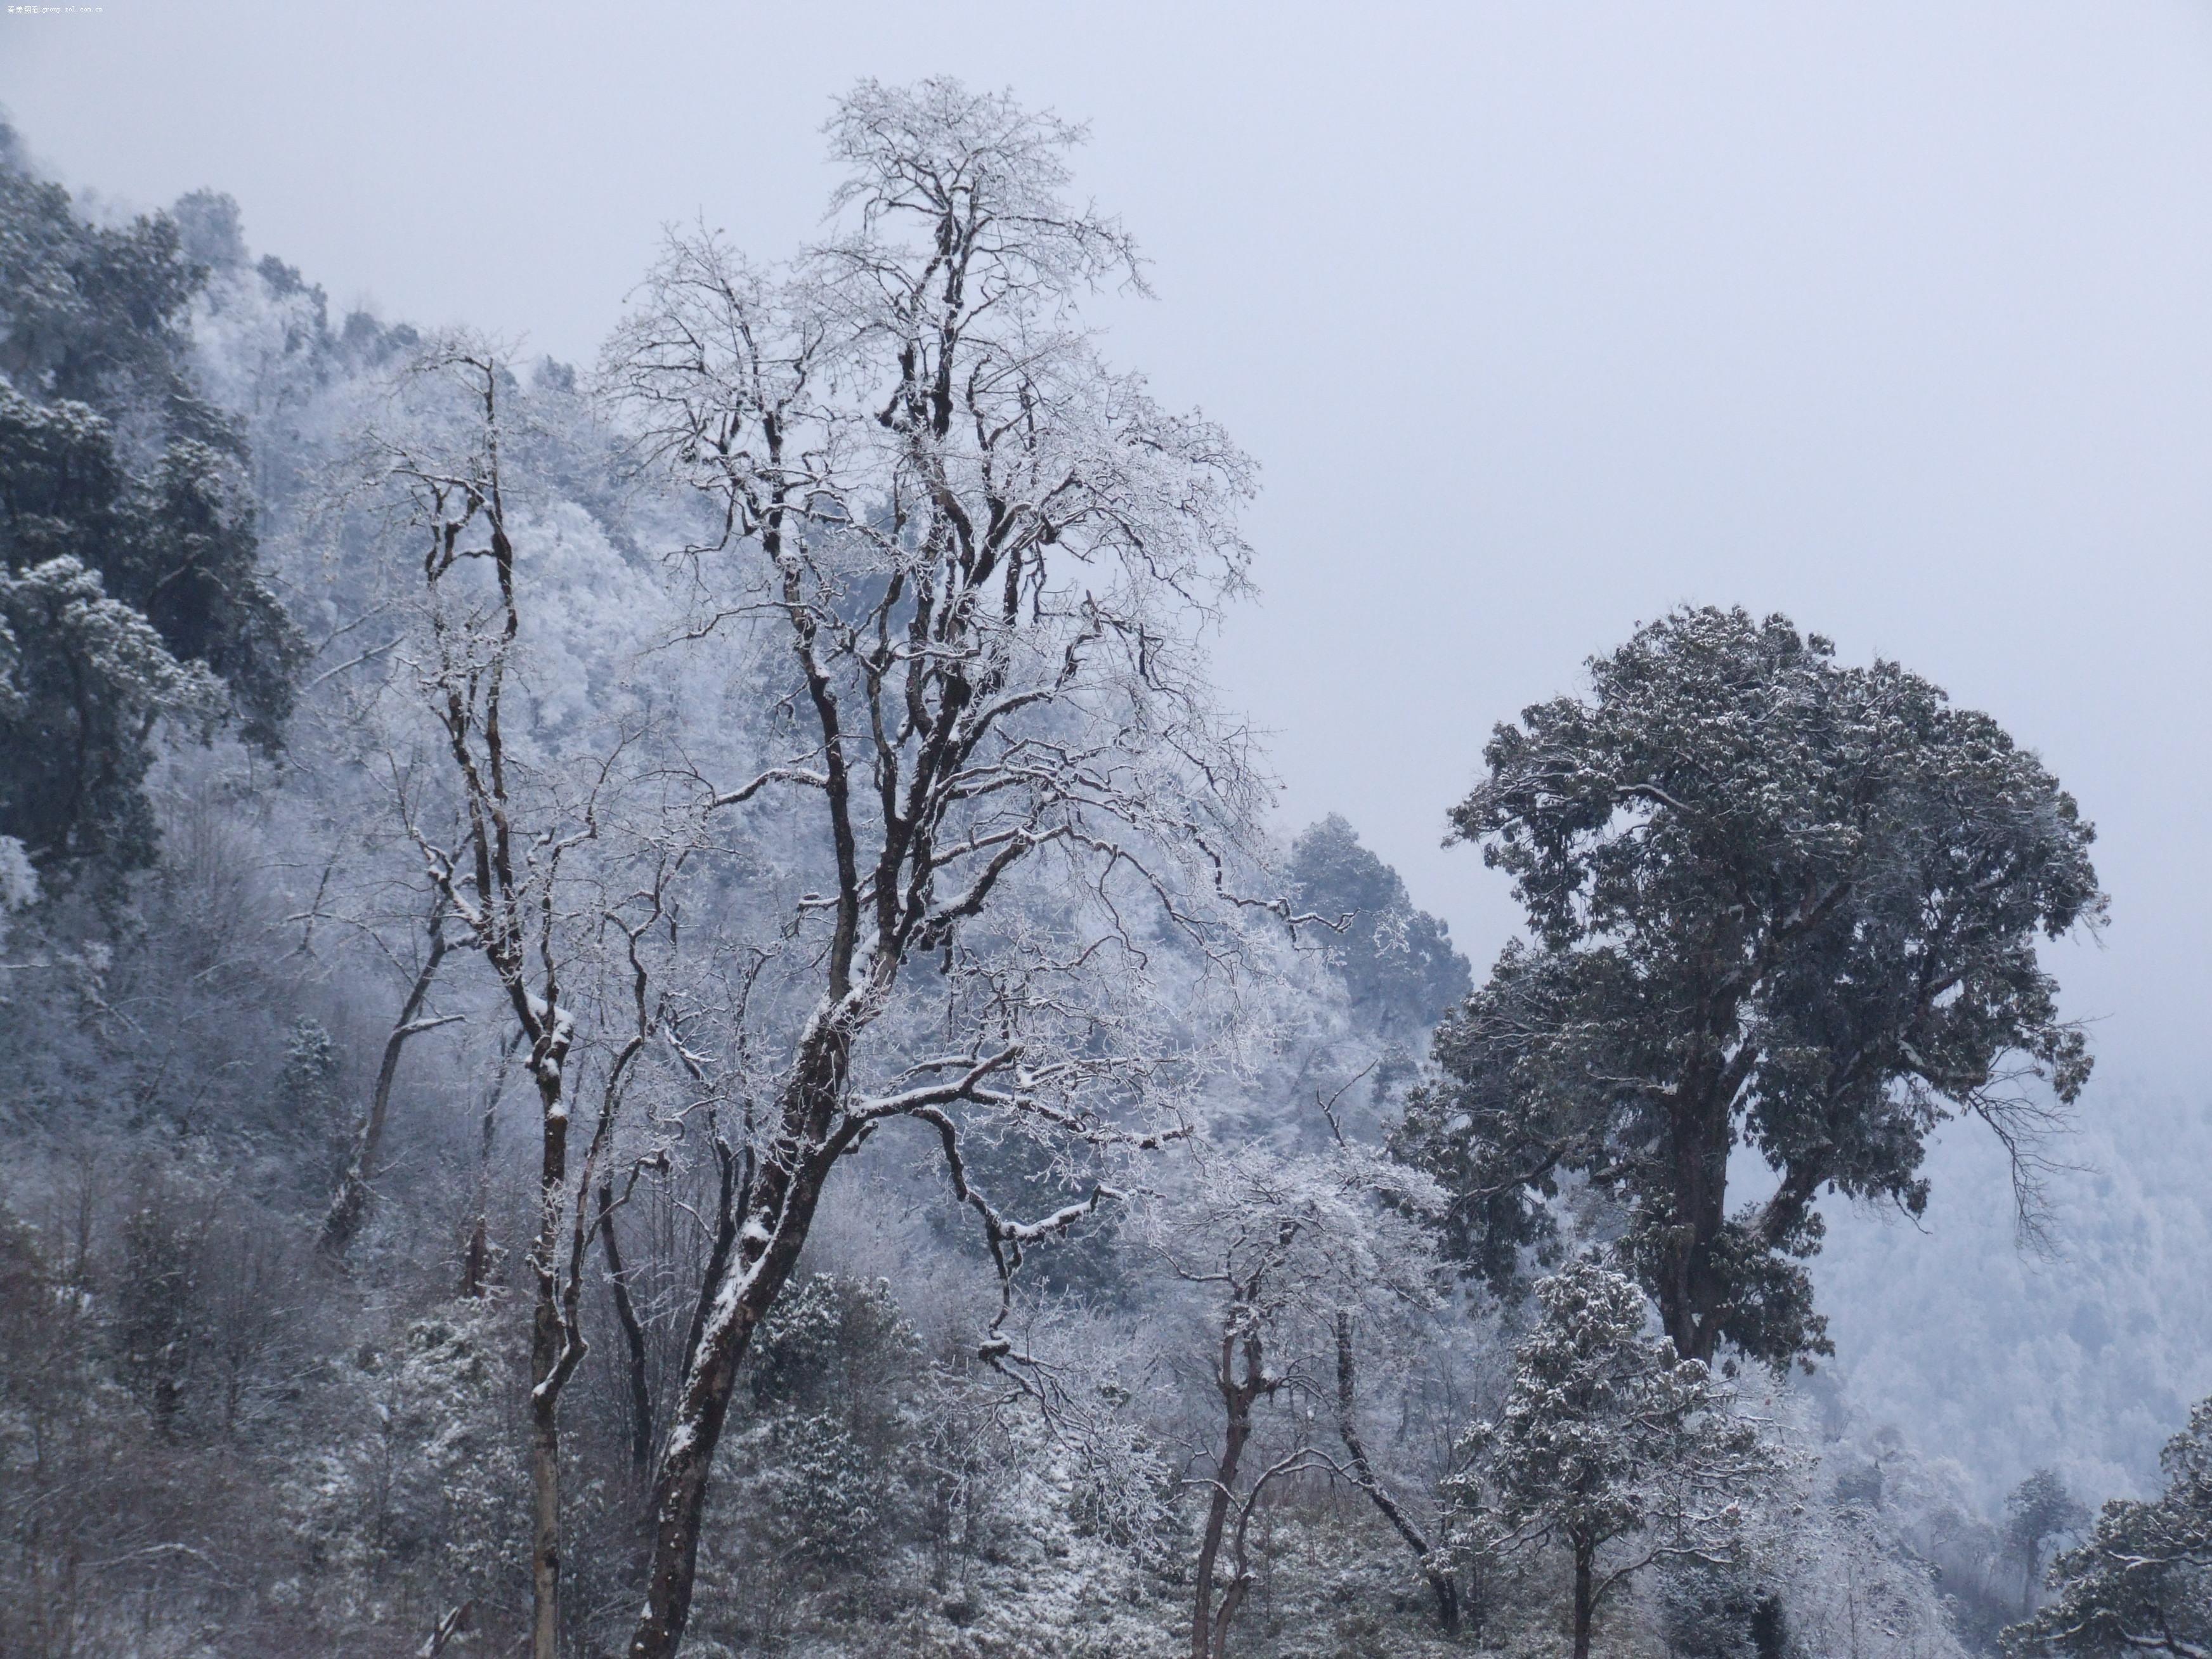 【二郎山雪景】富士 s9600(s9100)-数码摄影论坛-zol